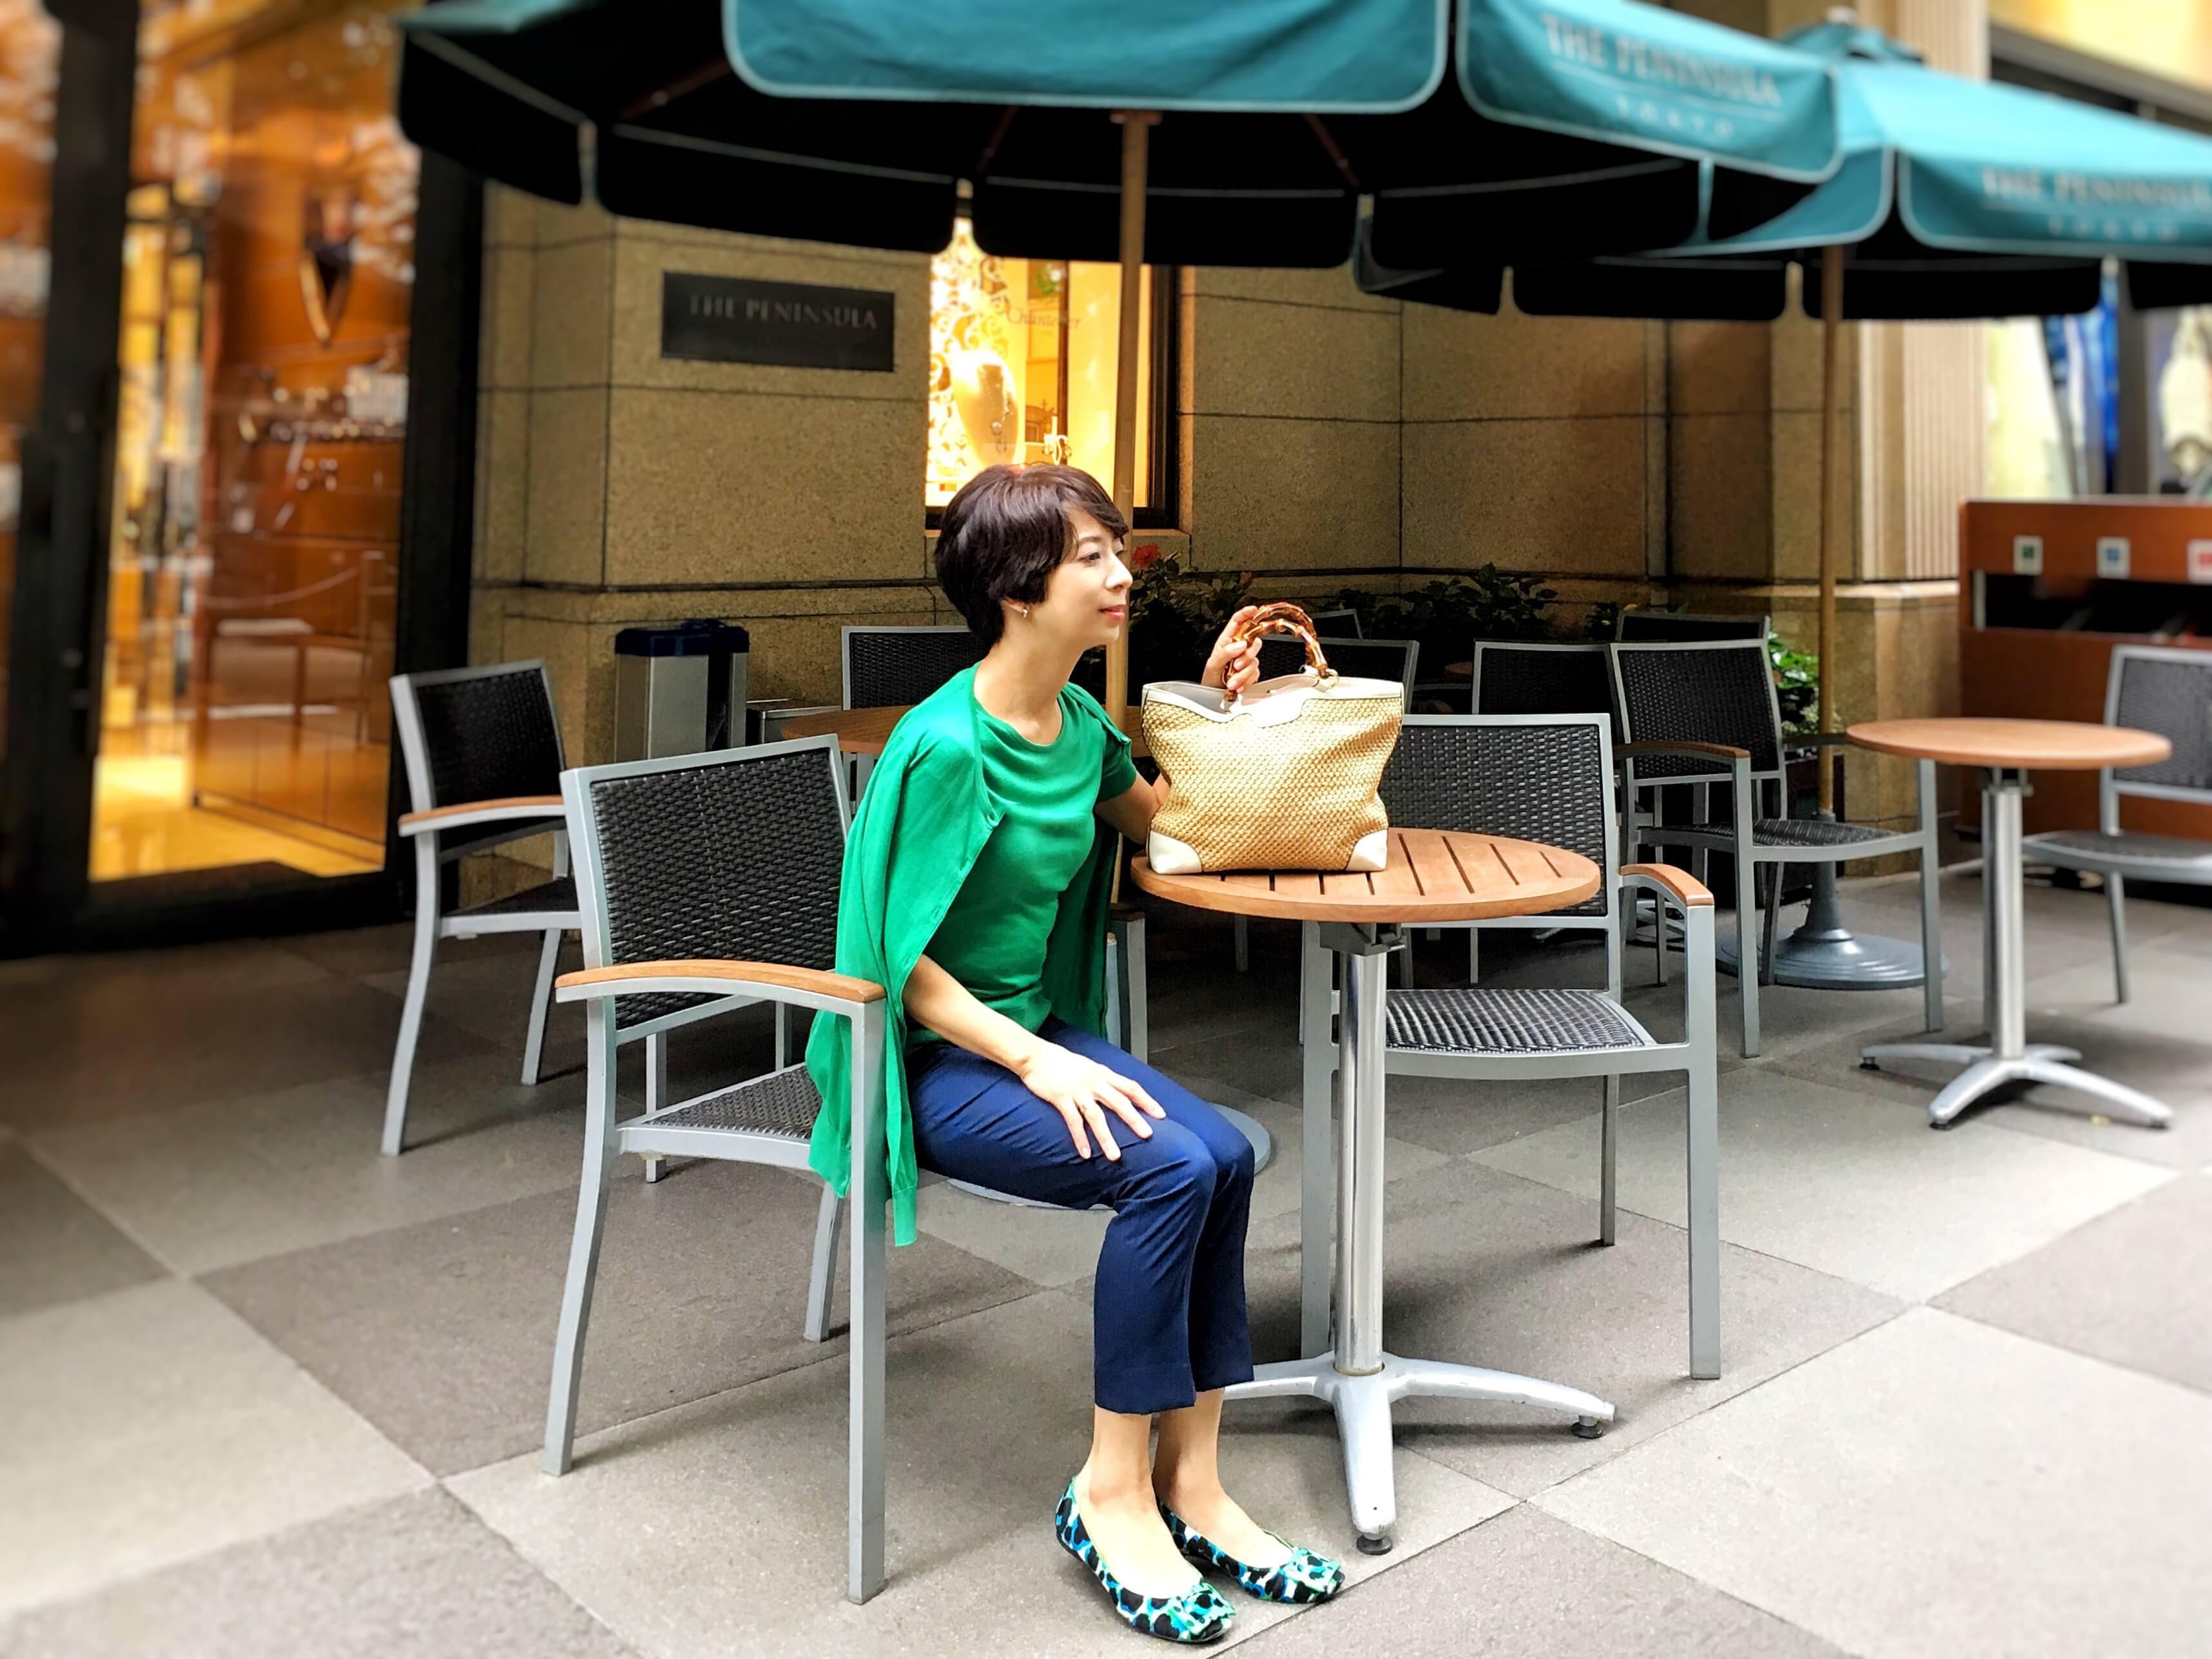 グリーンのツインニットとくるぶし丈のパンツを履いた女性がカフェに座っている図